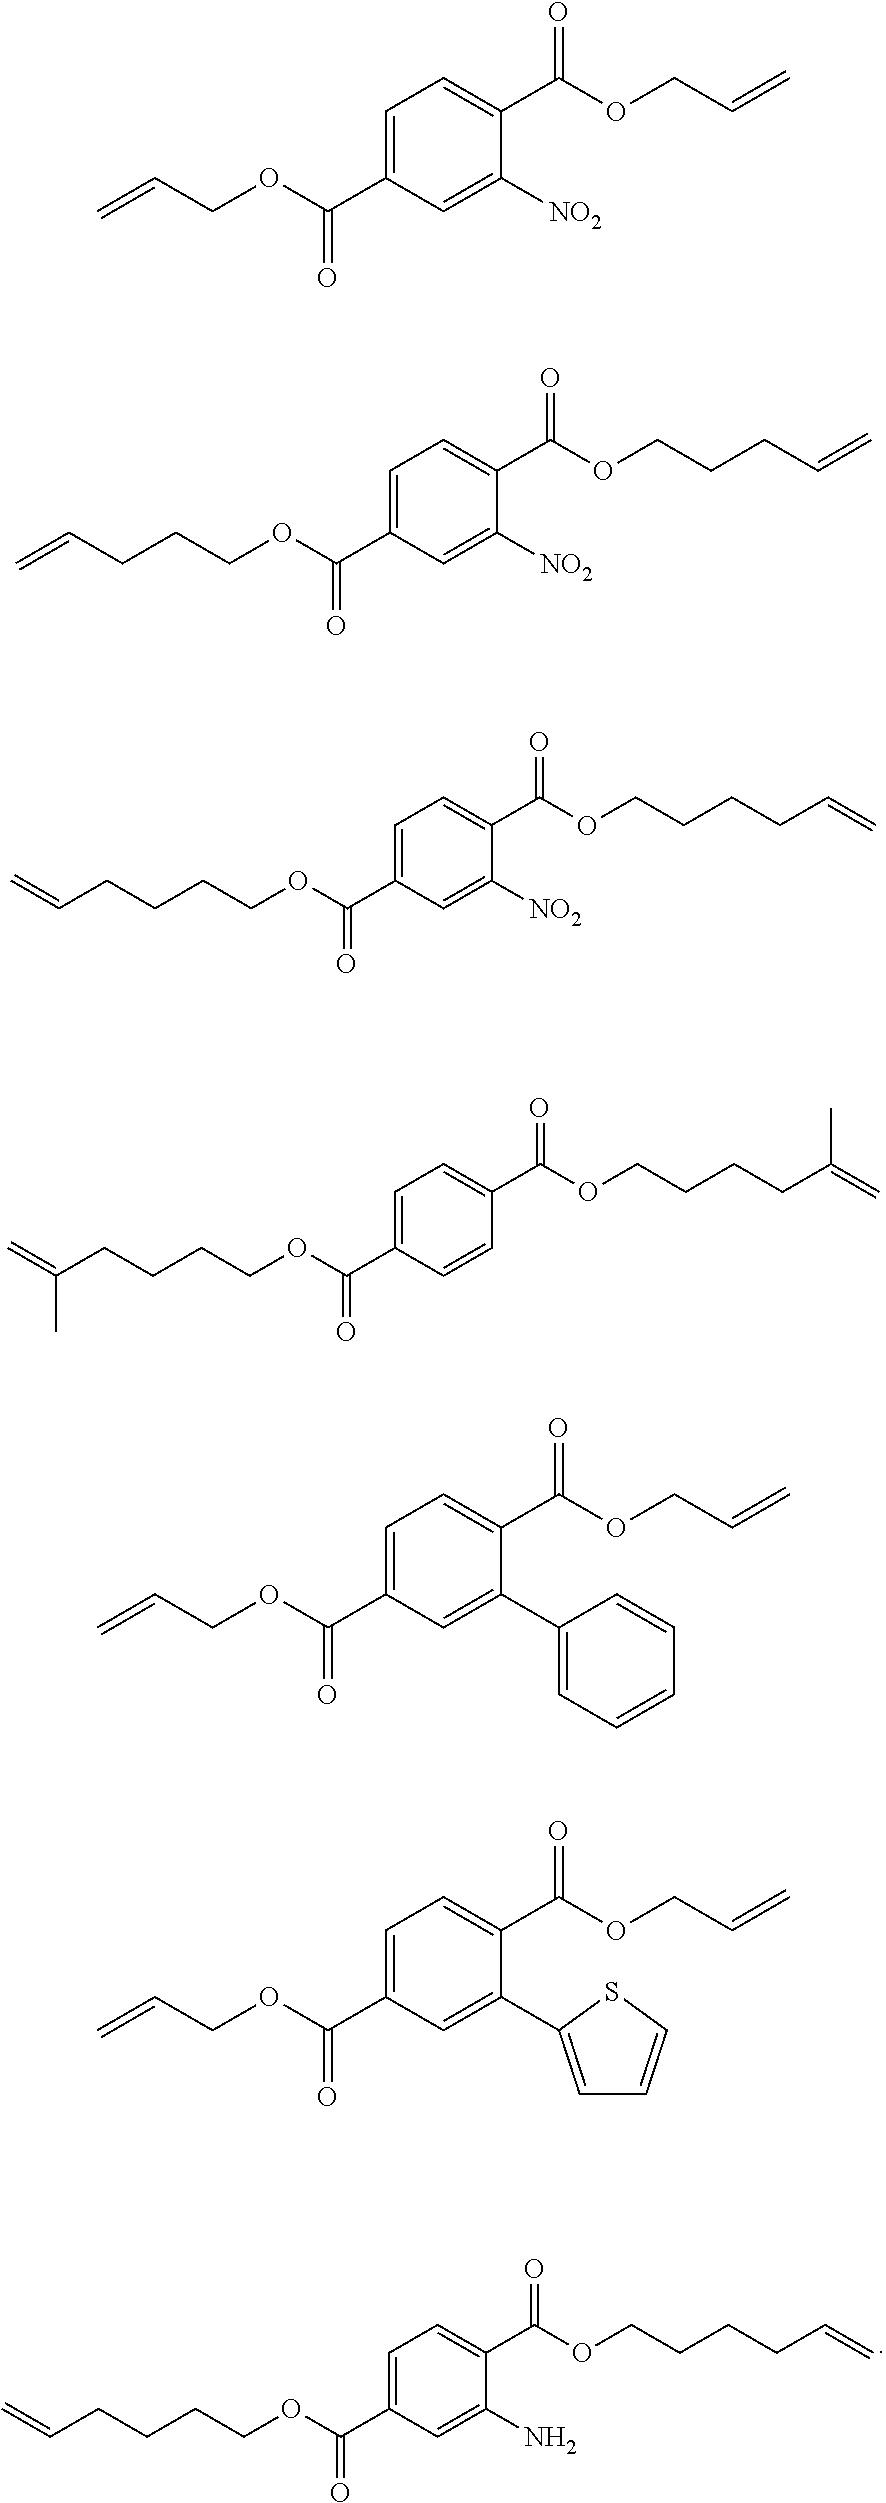 Figure US08089682-20120103-C00022